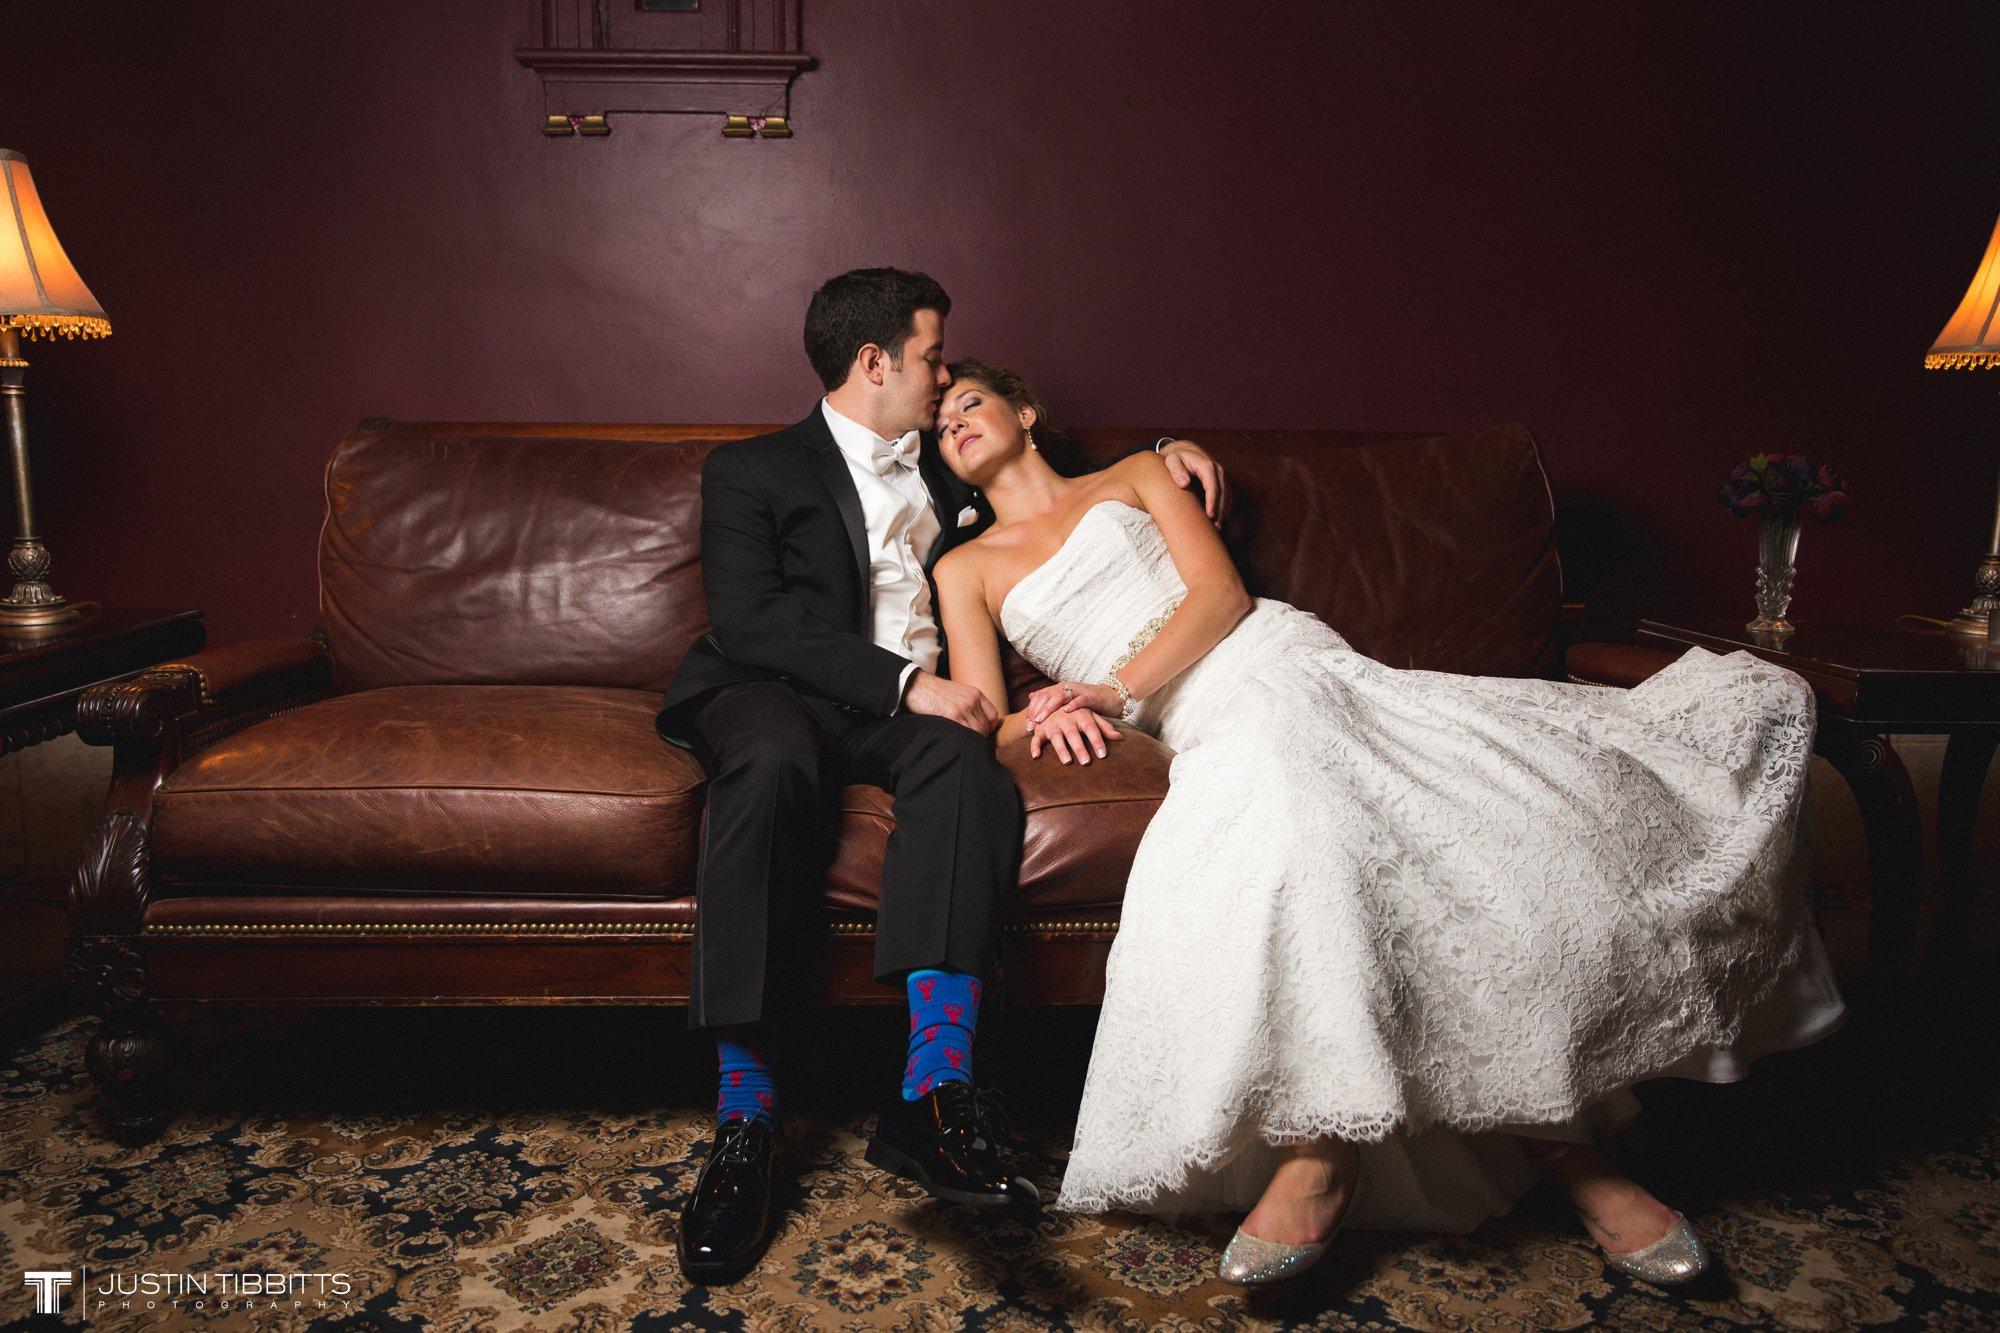 Albany NY Wedding Photographer Justin Tibbitts Photography 2014 Best of Albany NY Weddings-2848139